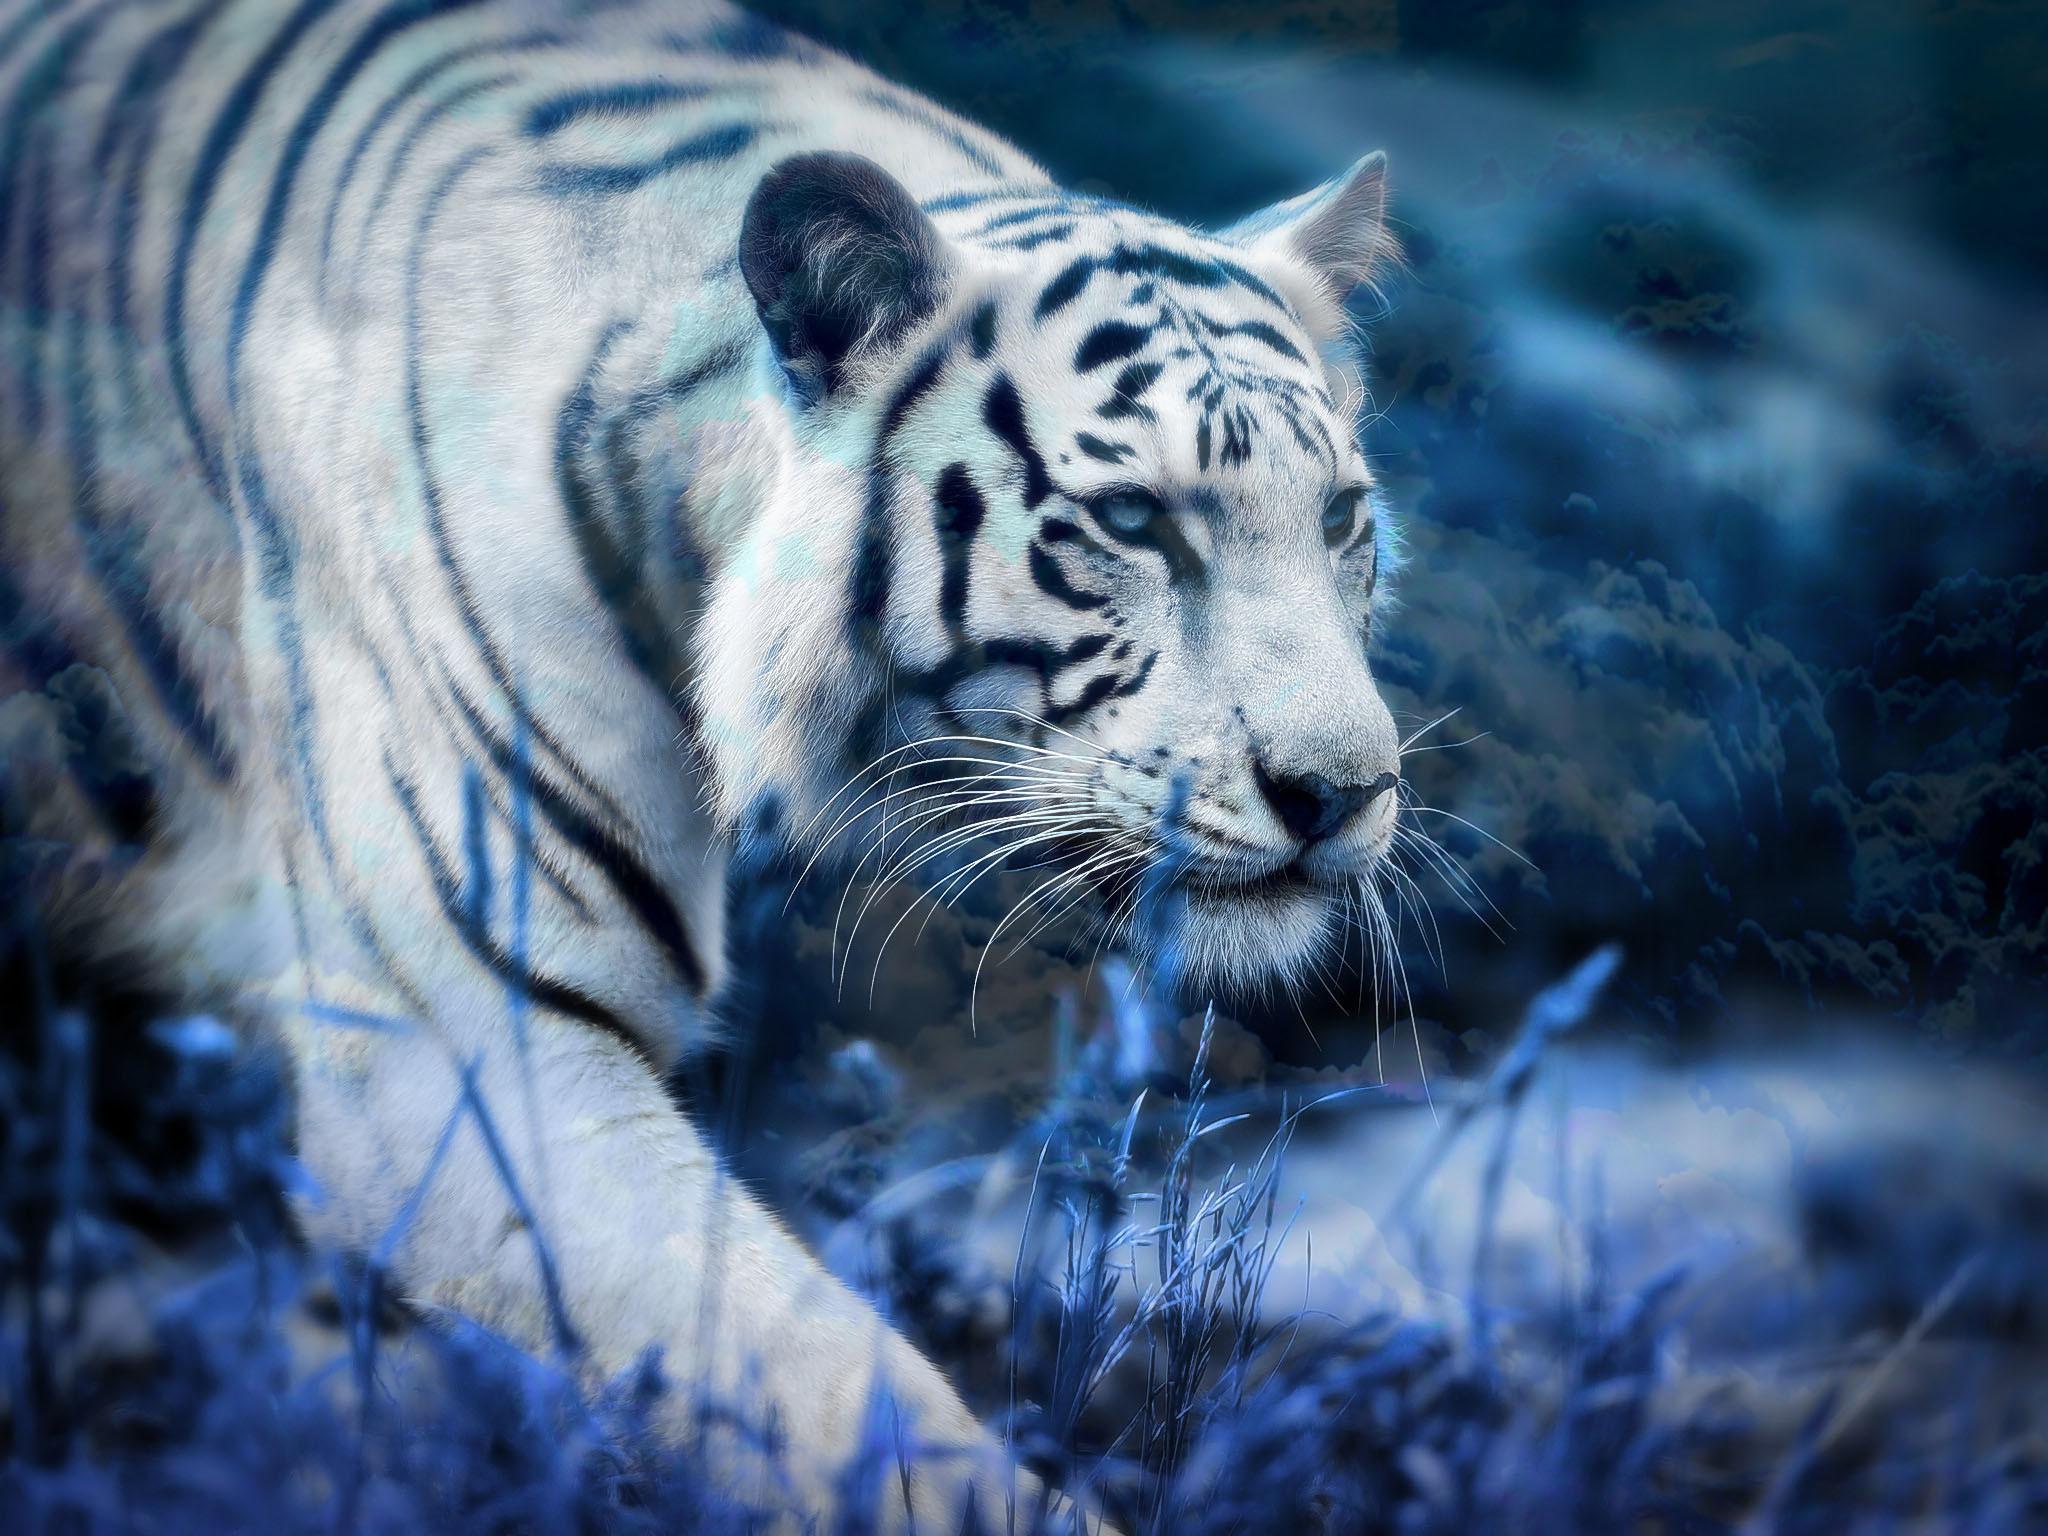 Animal – White Tiger Wallpaper